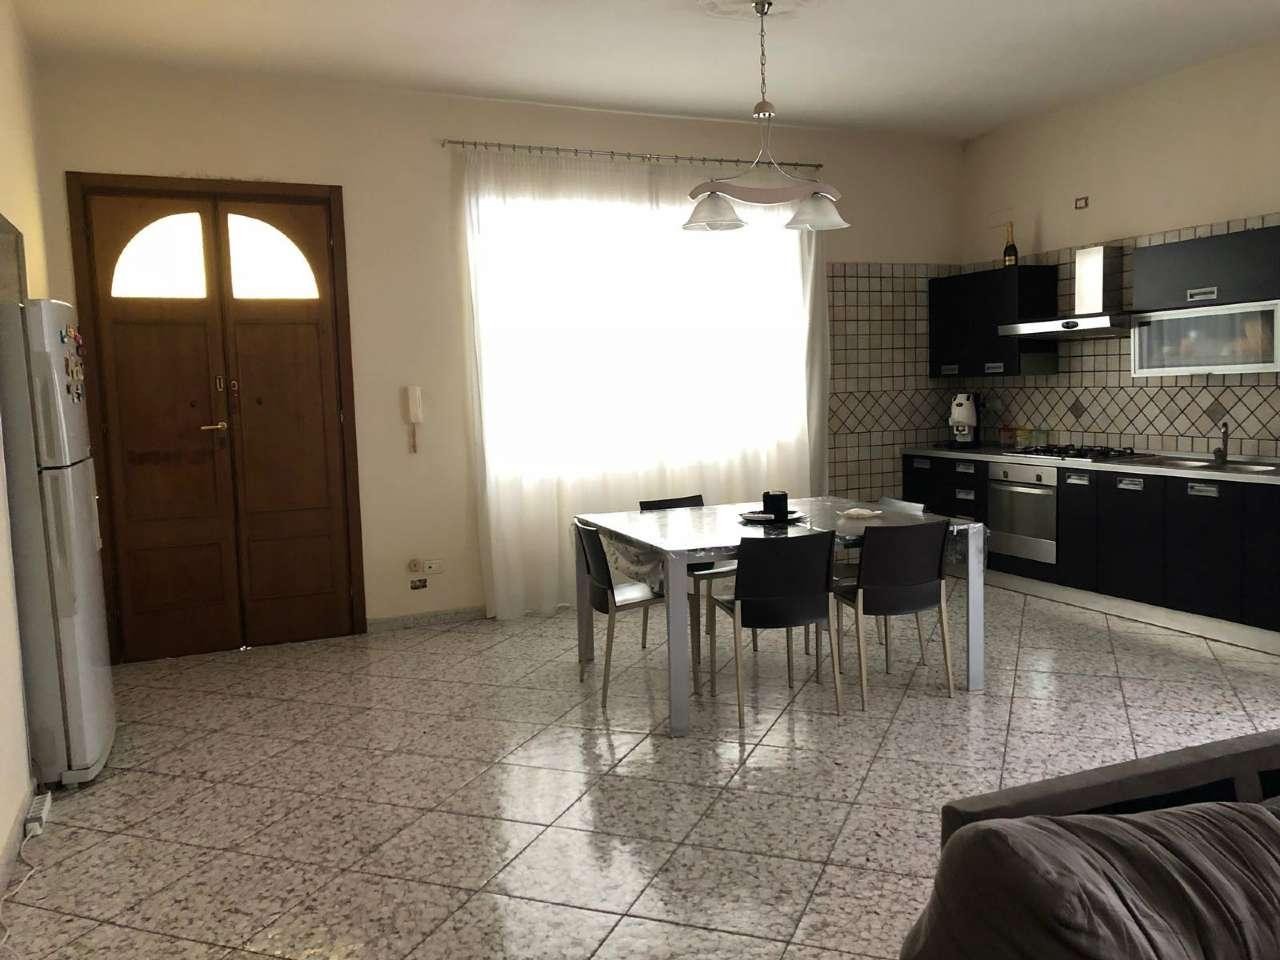 Appartamento in vendita a Marcianise, 4 locali, prezzo € 115.000 | PortaleAgenzieImmobiliari.it